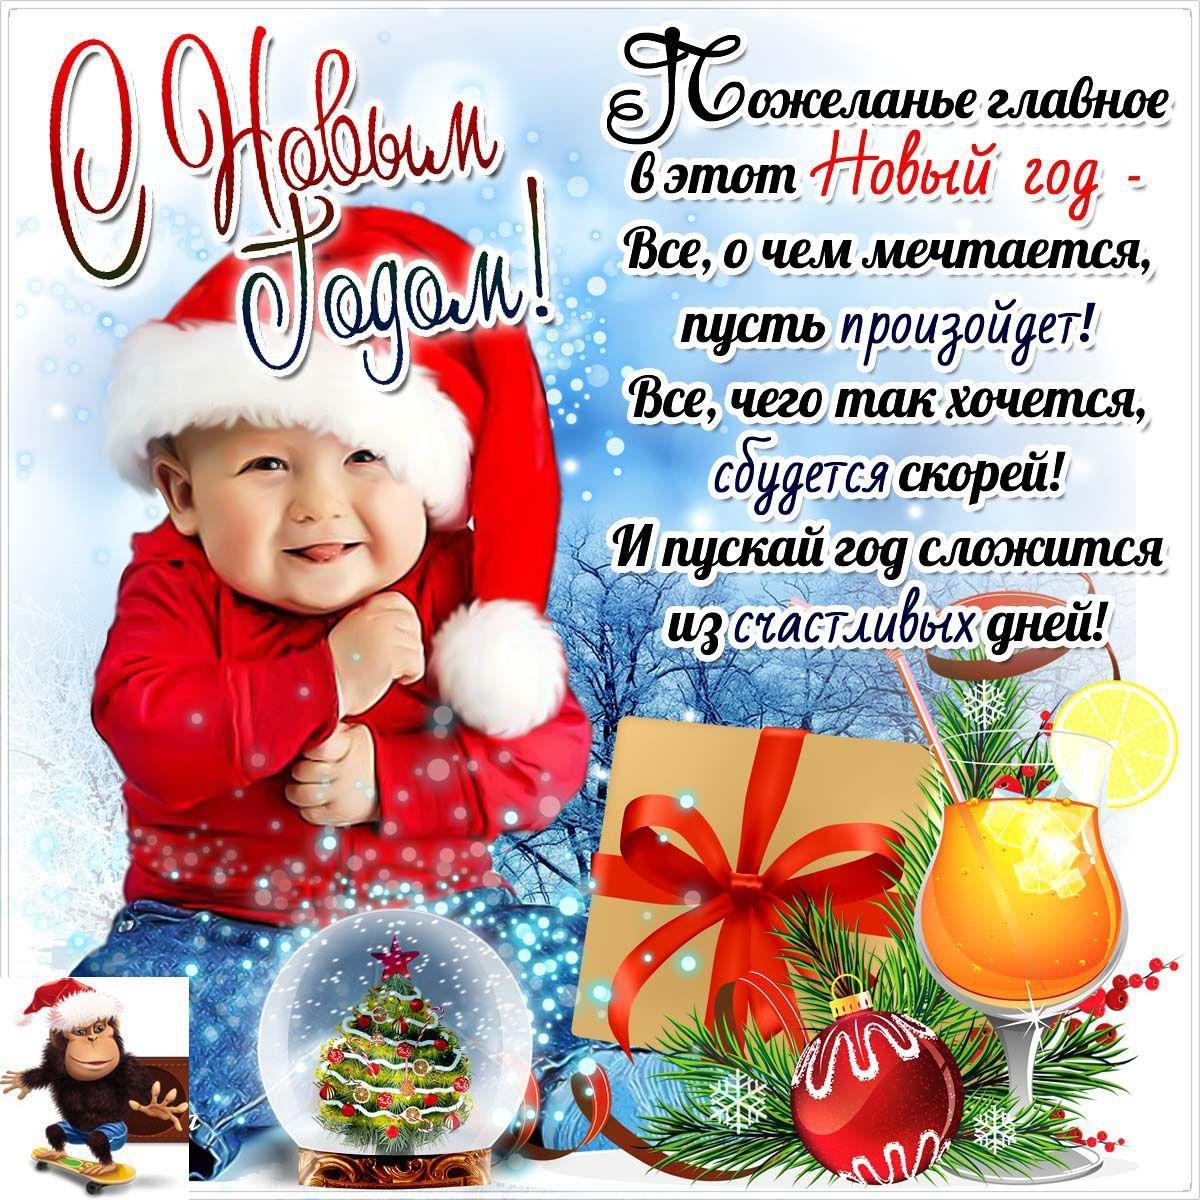 Поздравление для оксаны с новым годом